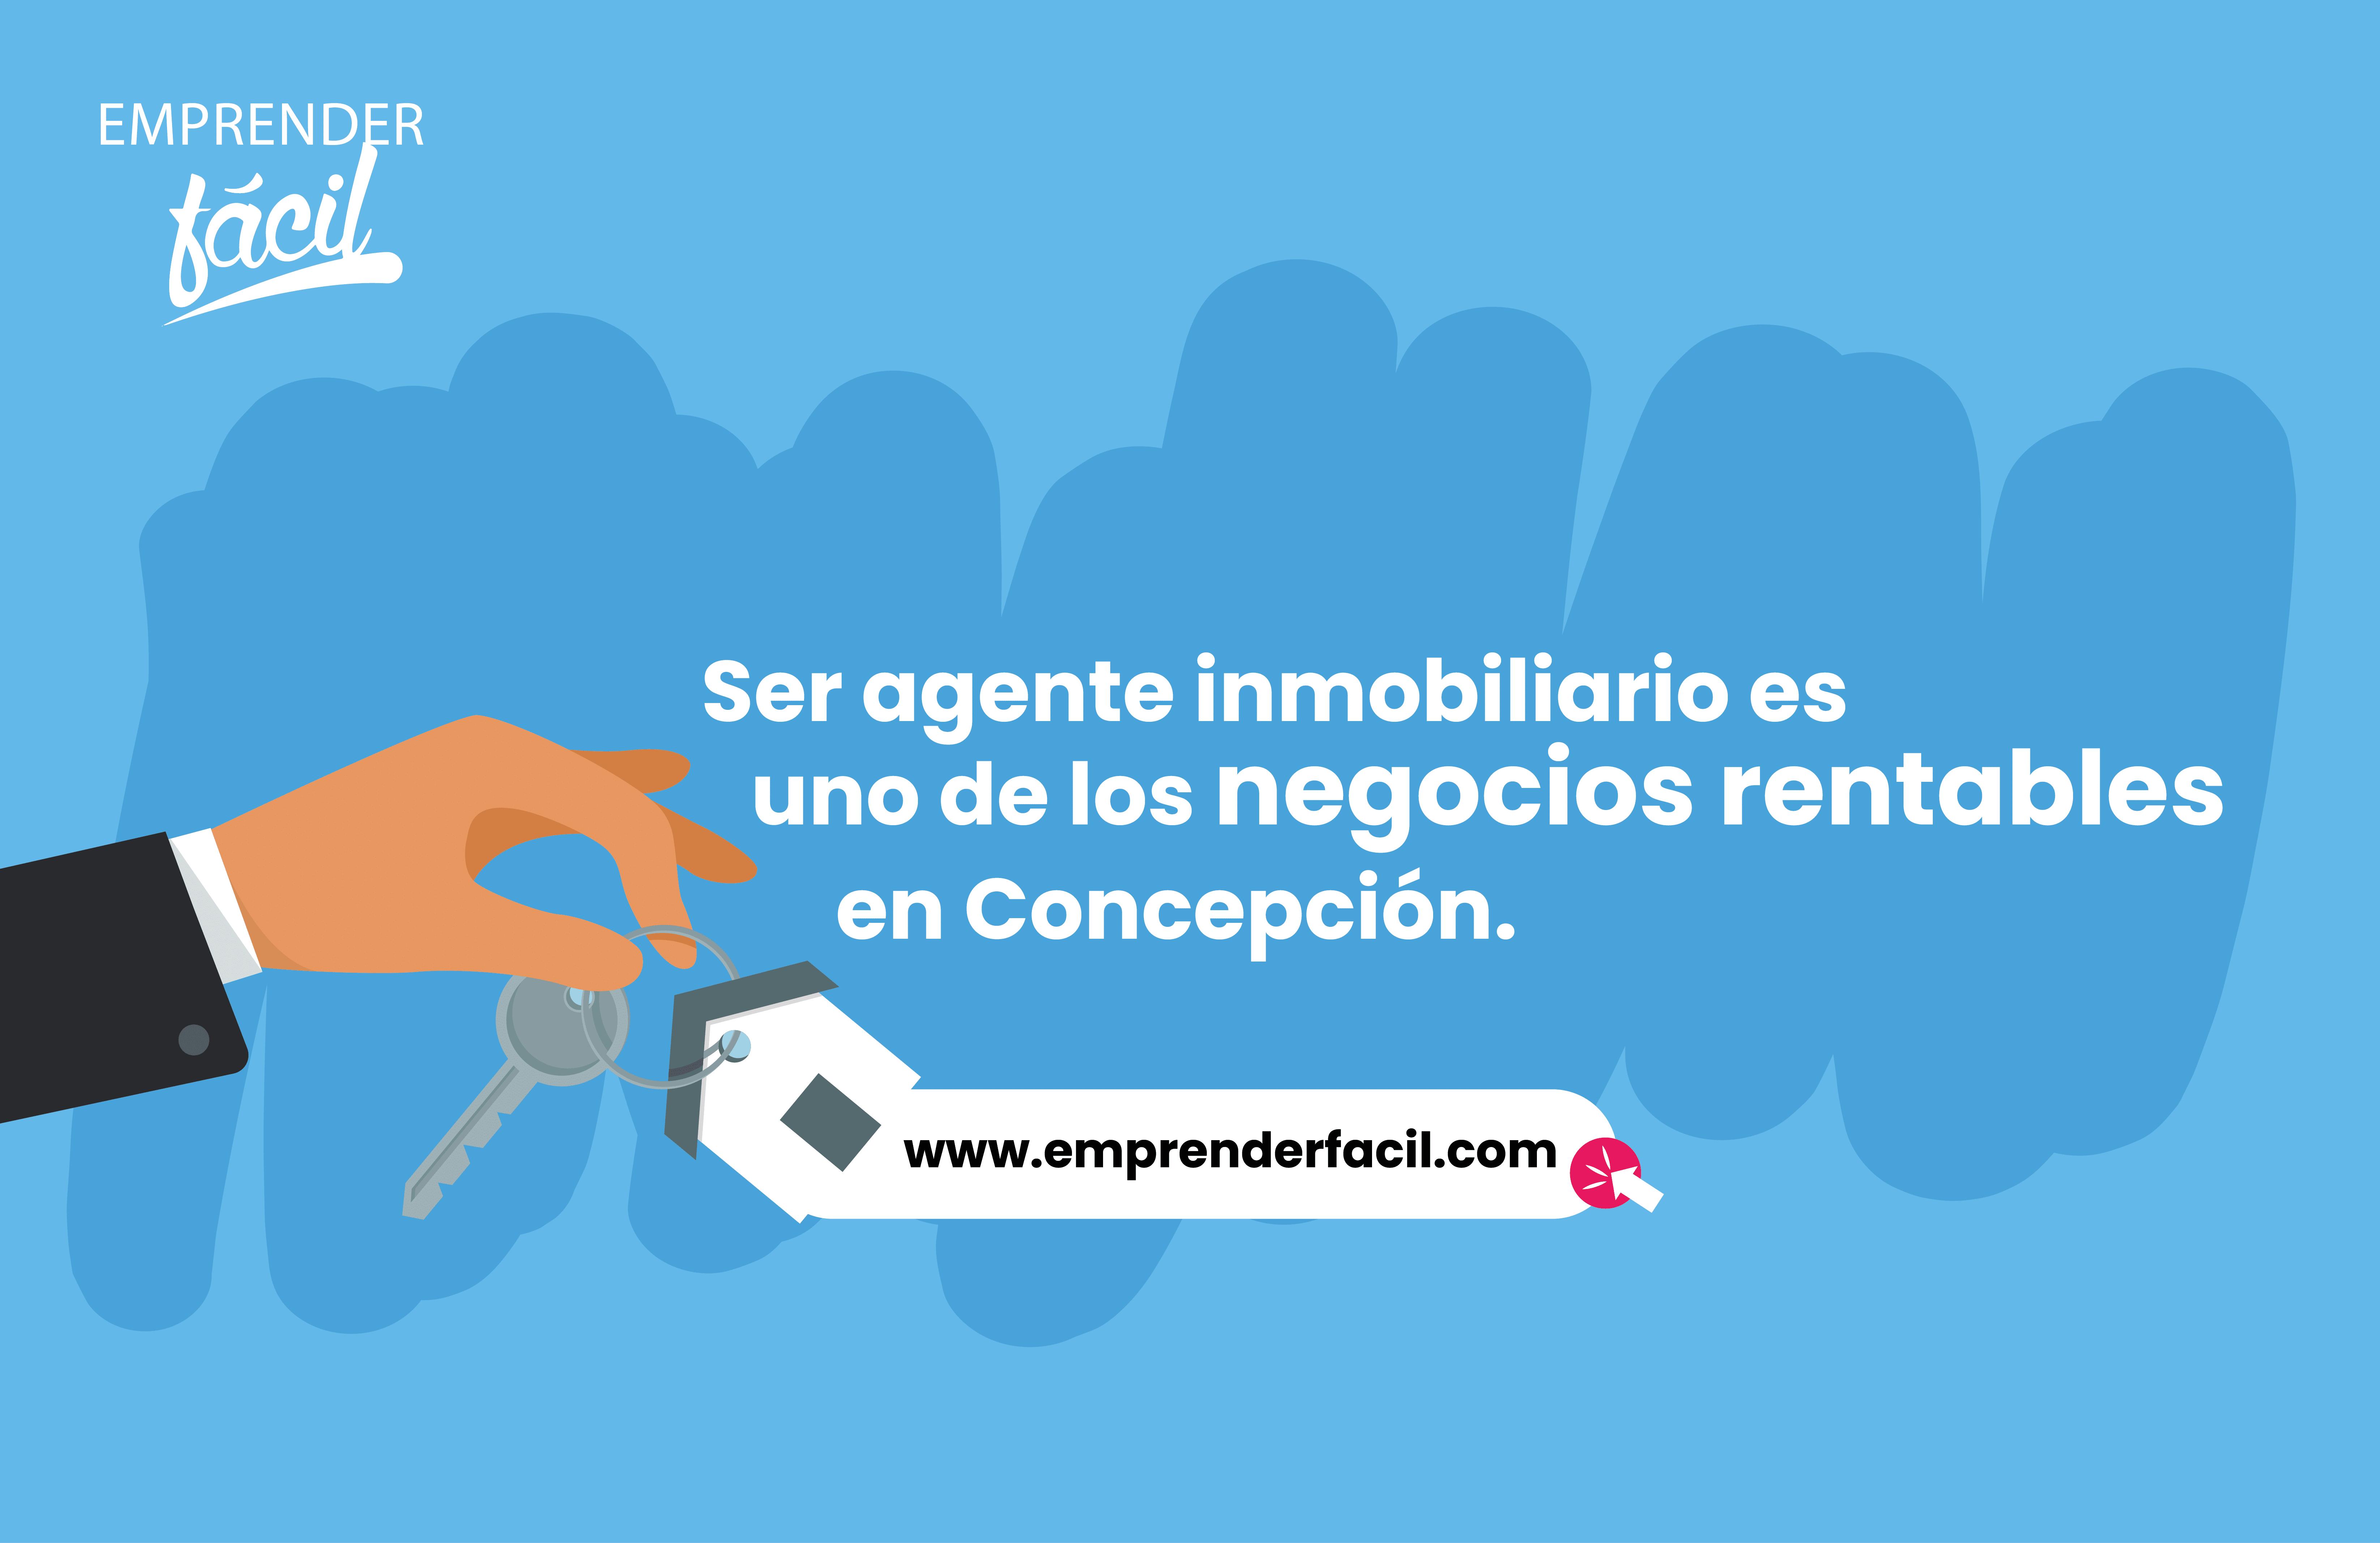 Ser agente inmobiliario es uno de los negocios rentables en Concepción.